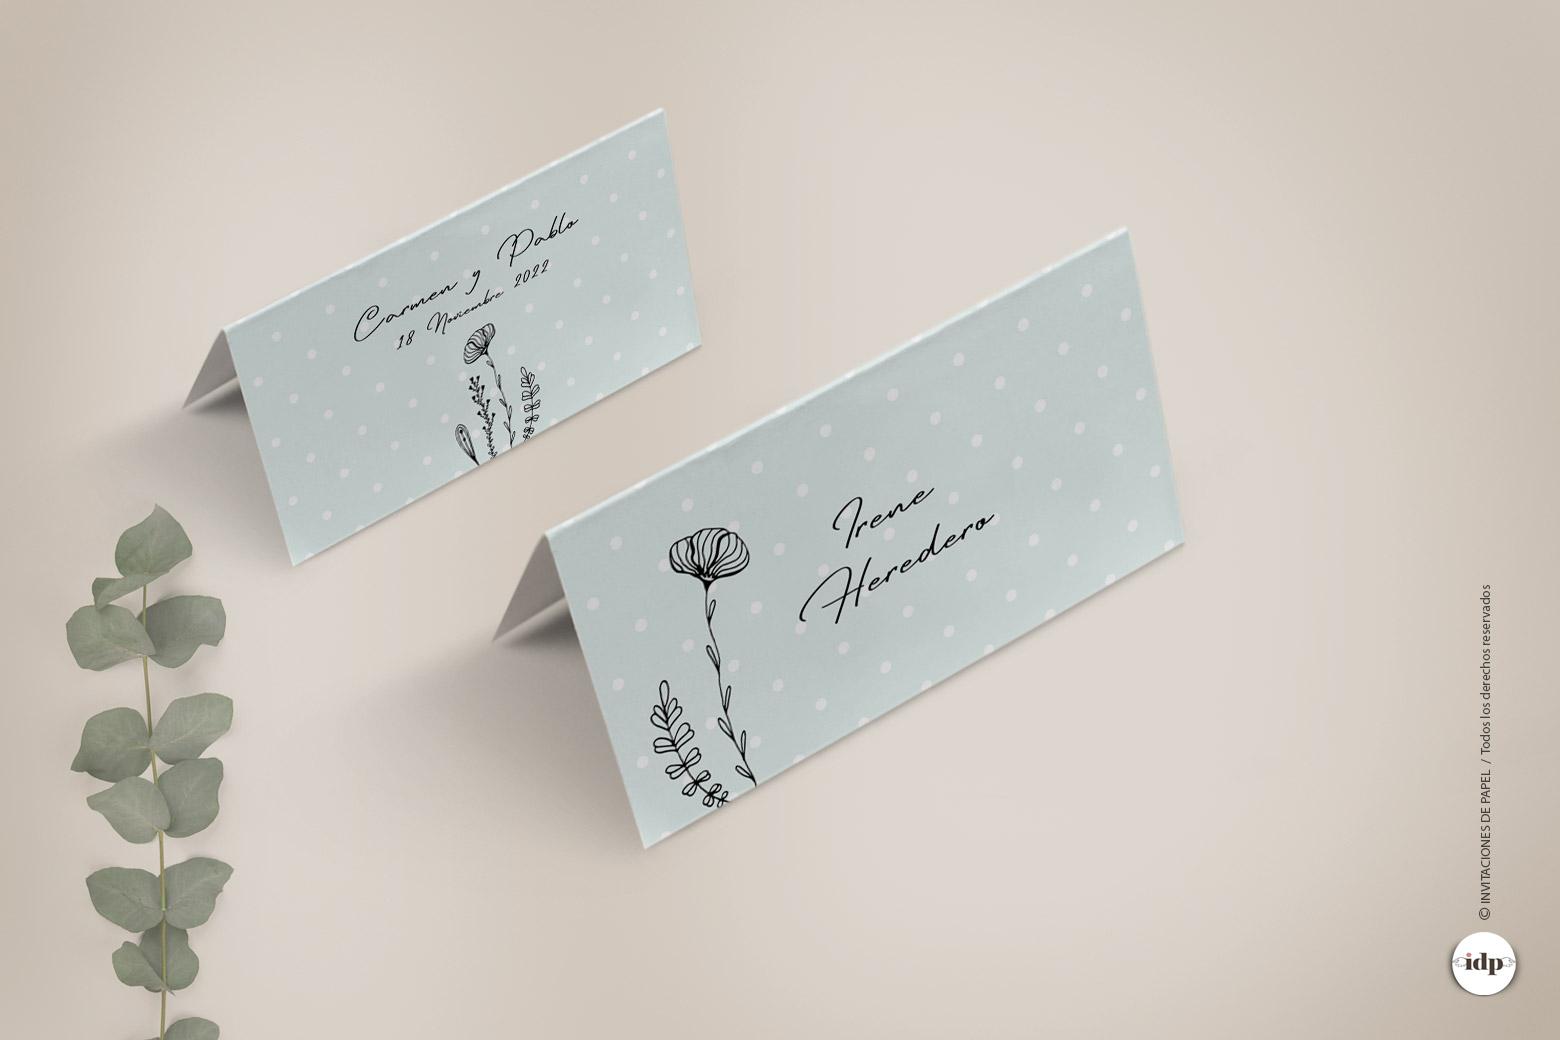 Puestos de Mesa para Boda Sencillos y Originales con ilustraciones de Flores - chic